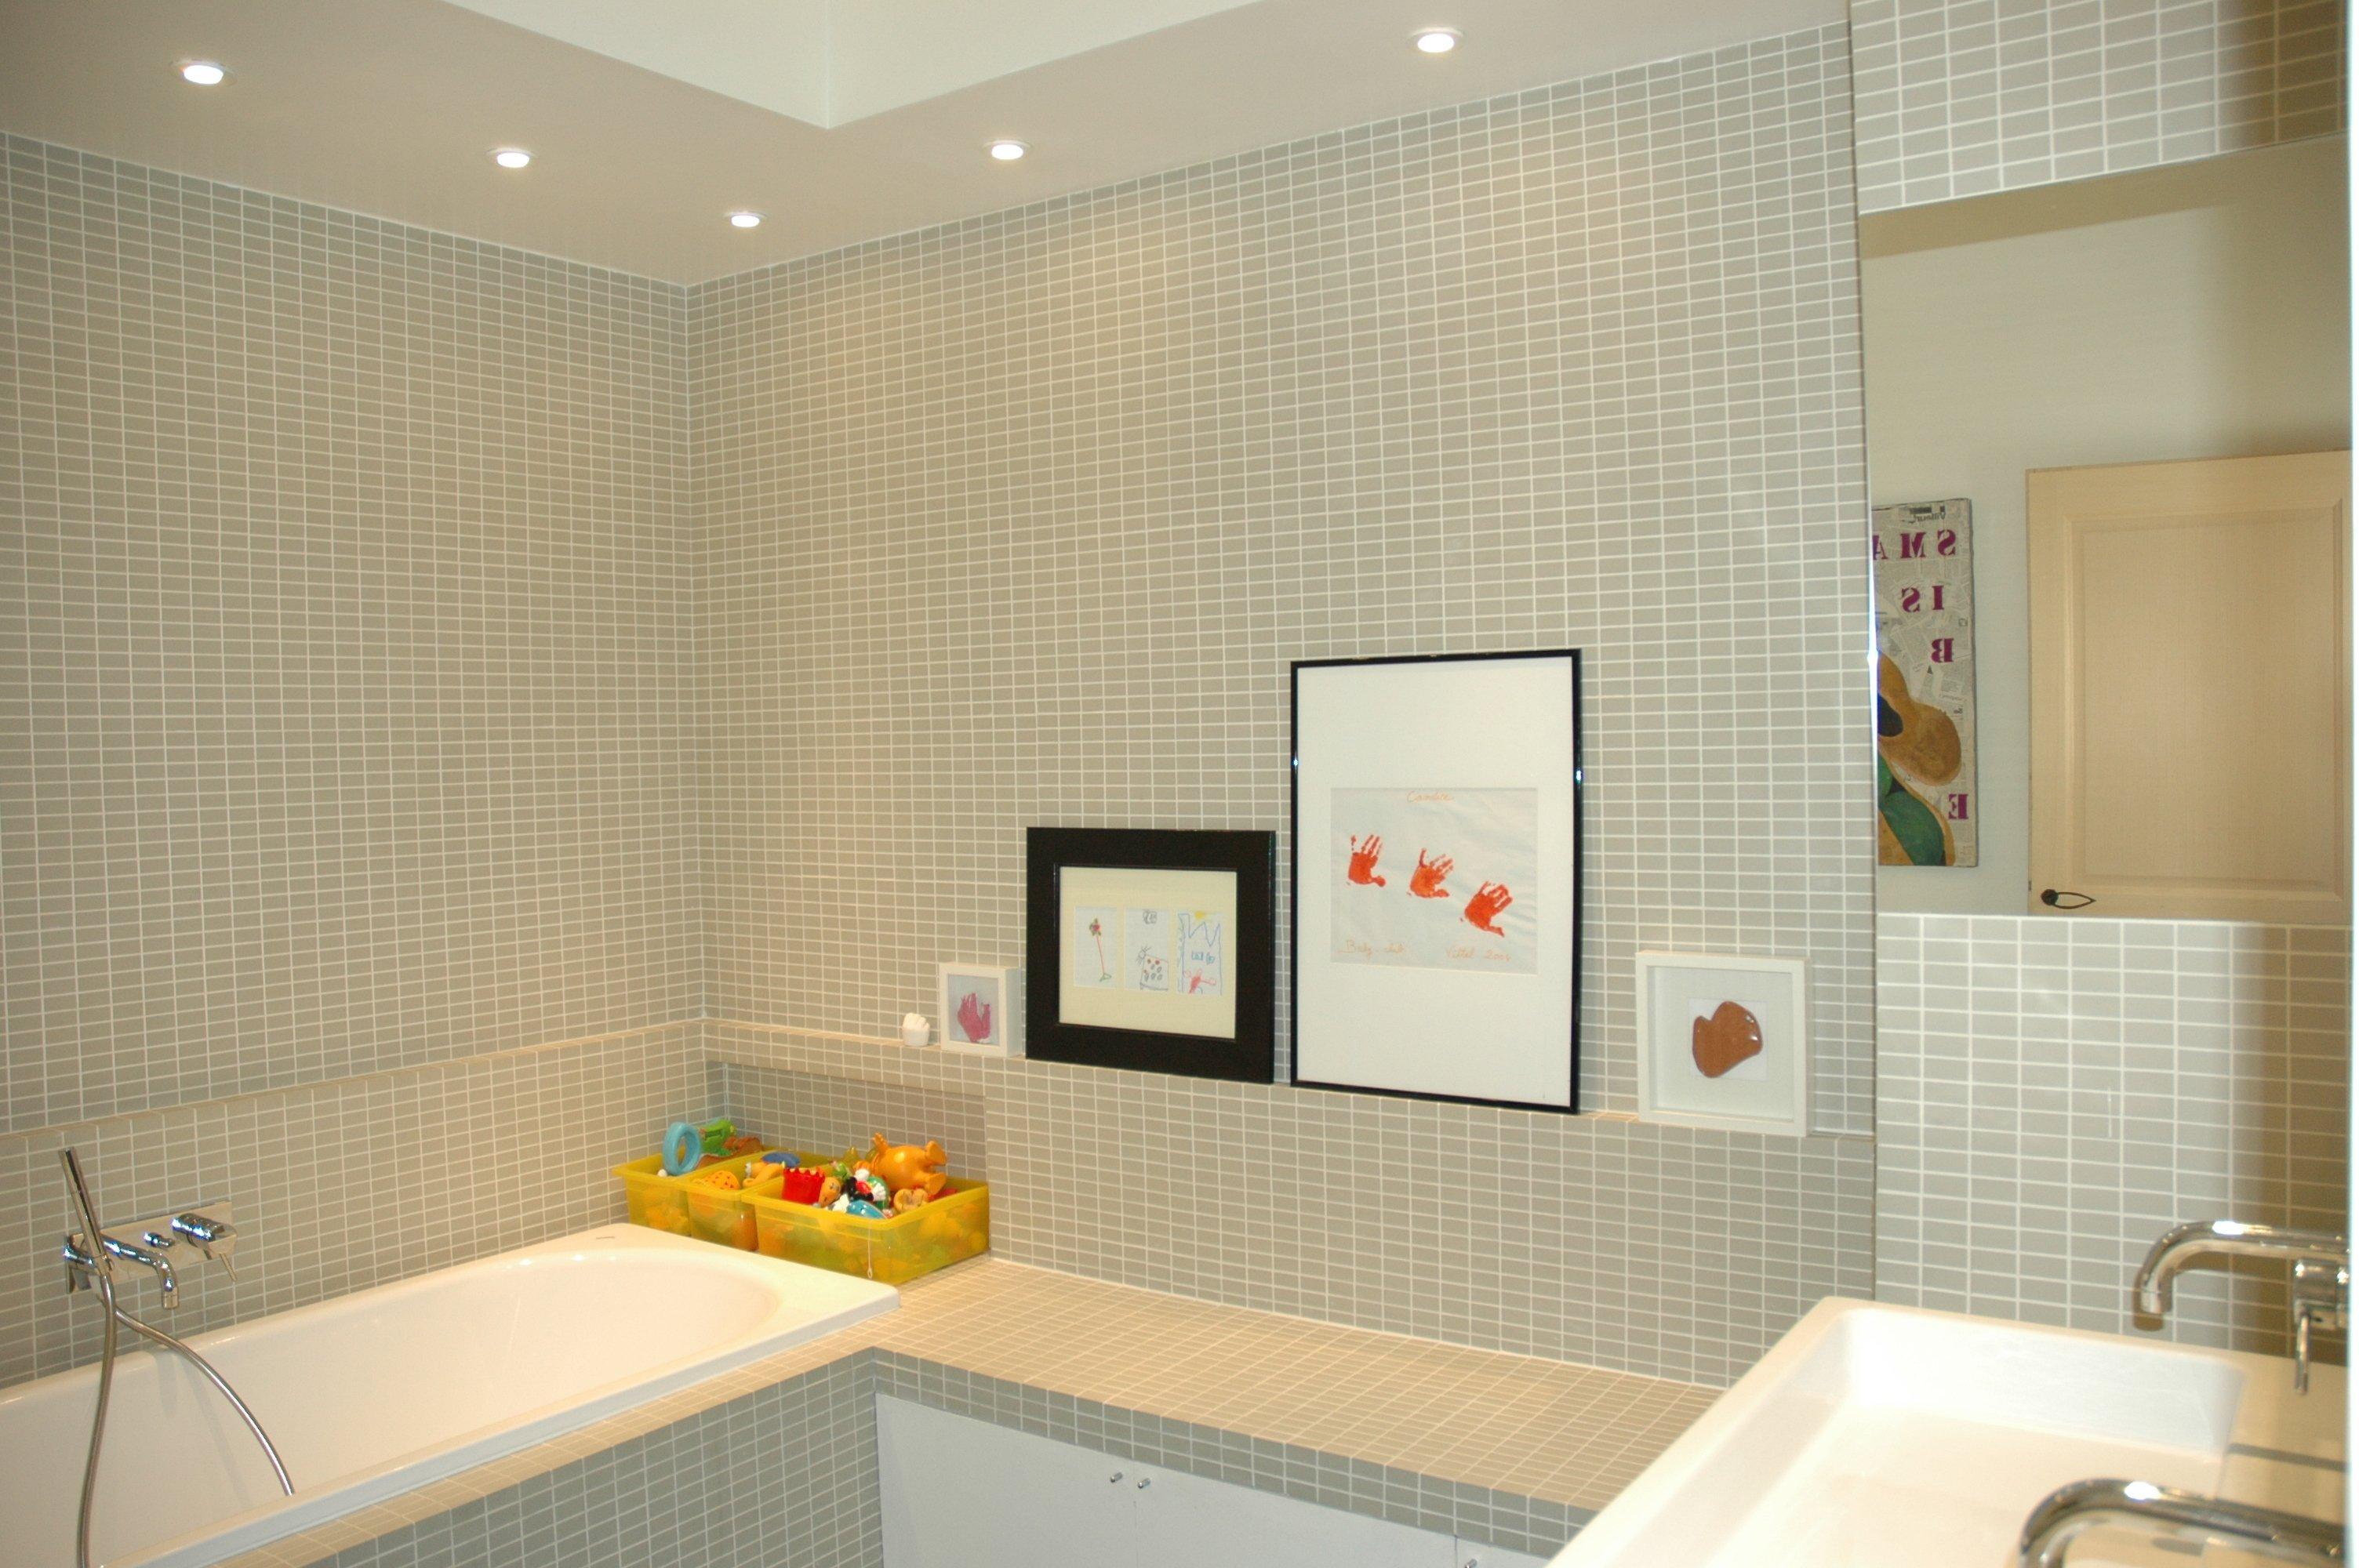 Comment bien choisir un carrelage de salle de bain for Quelle carrelage choisir